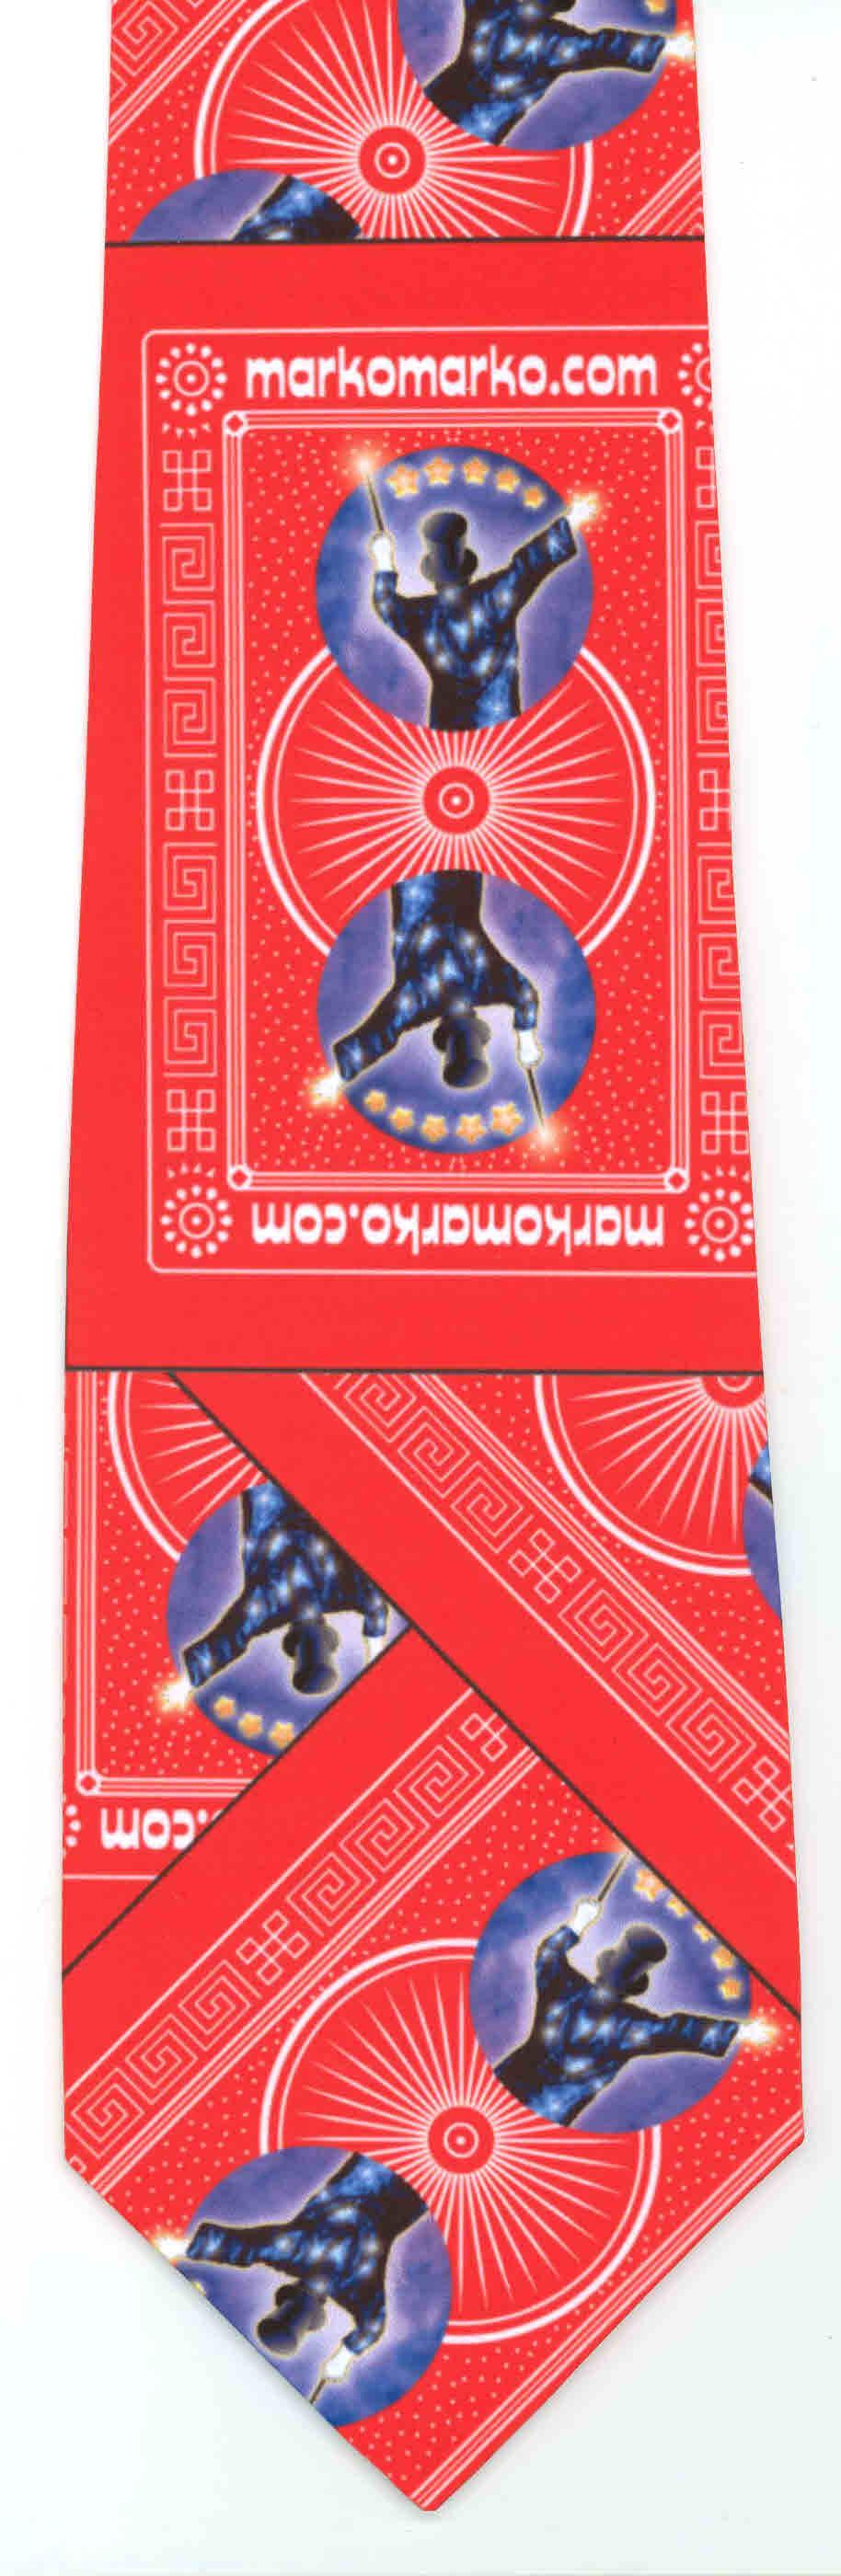 096 Marko Card Back.jpg